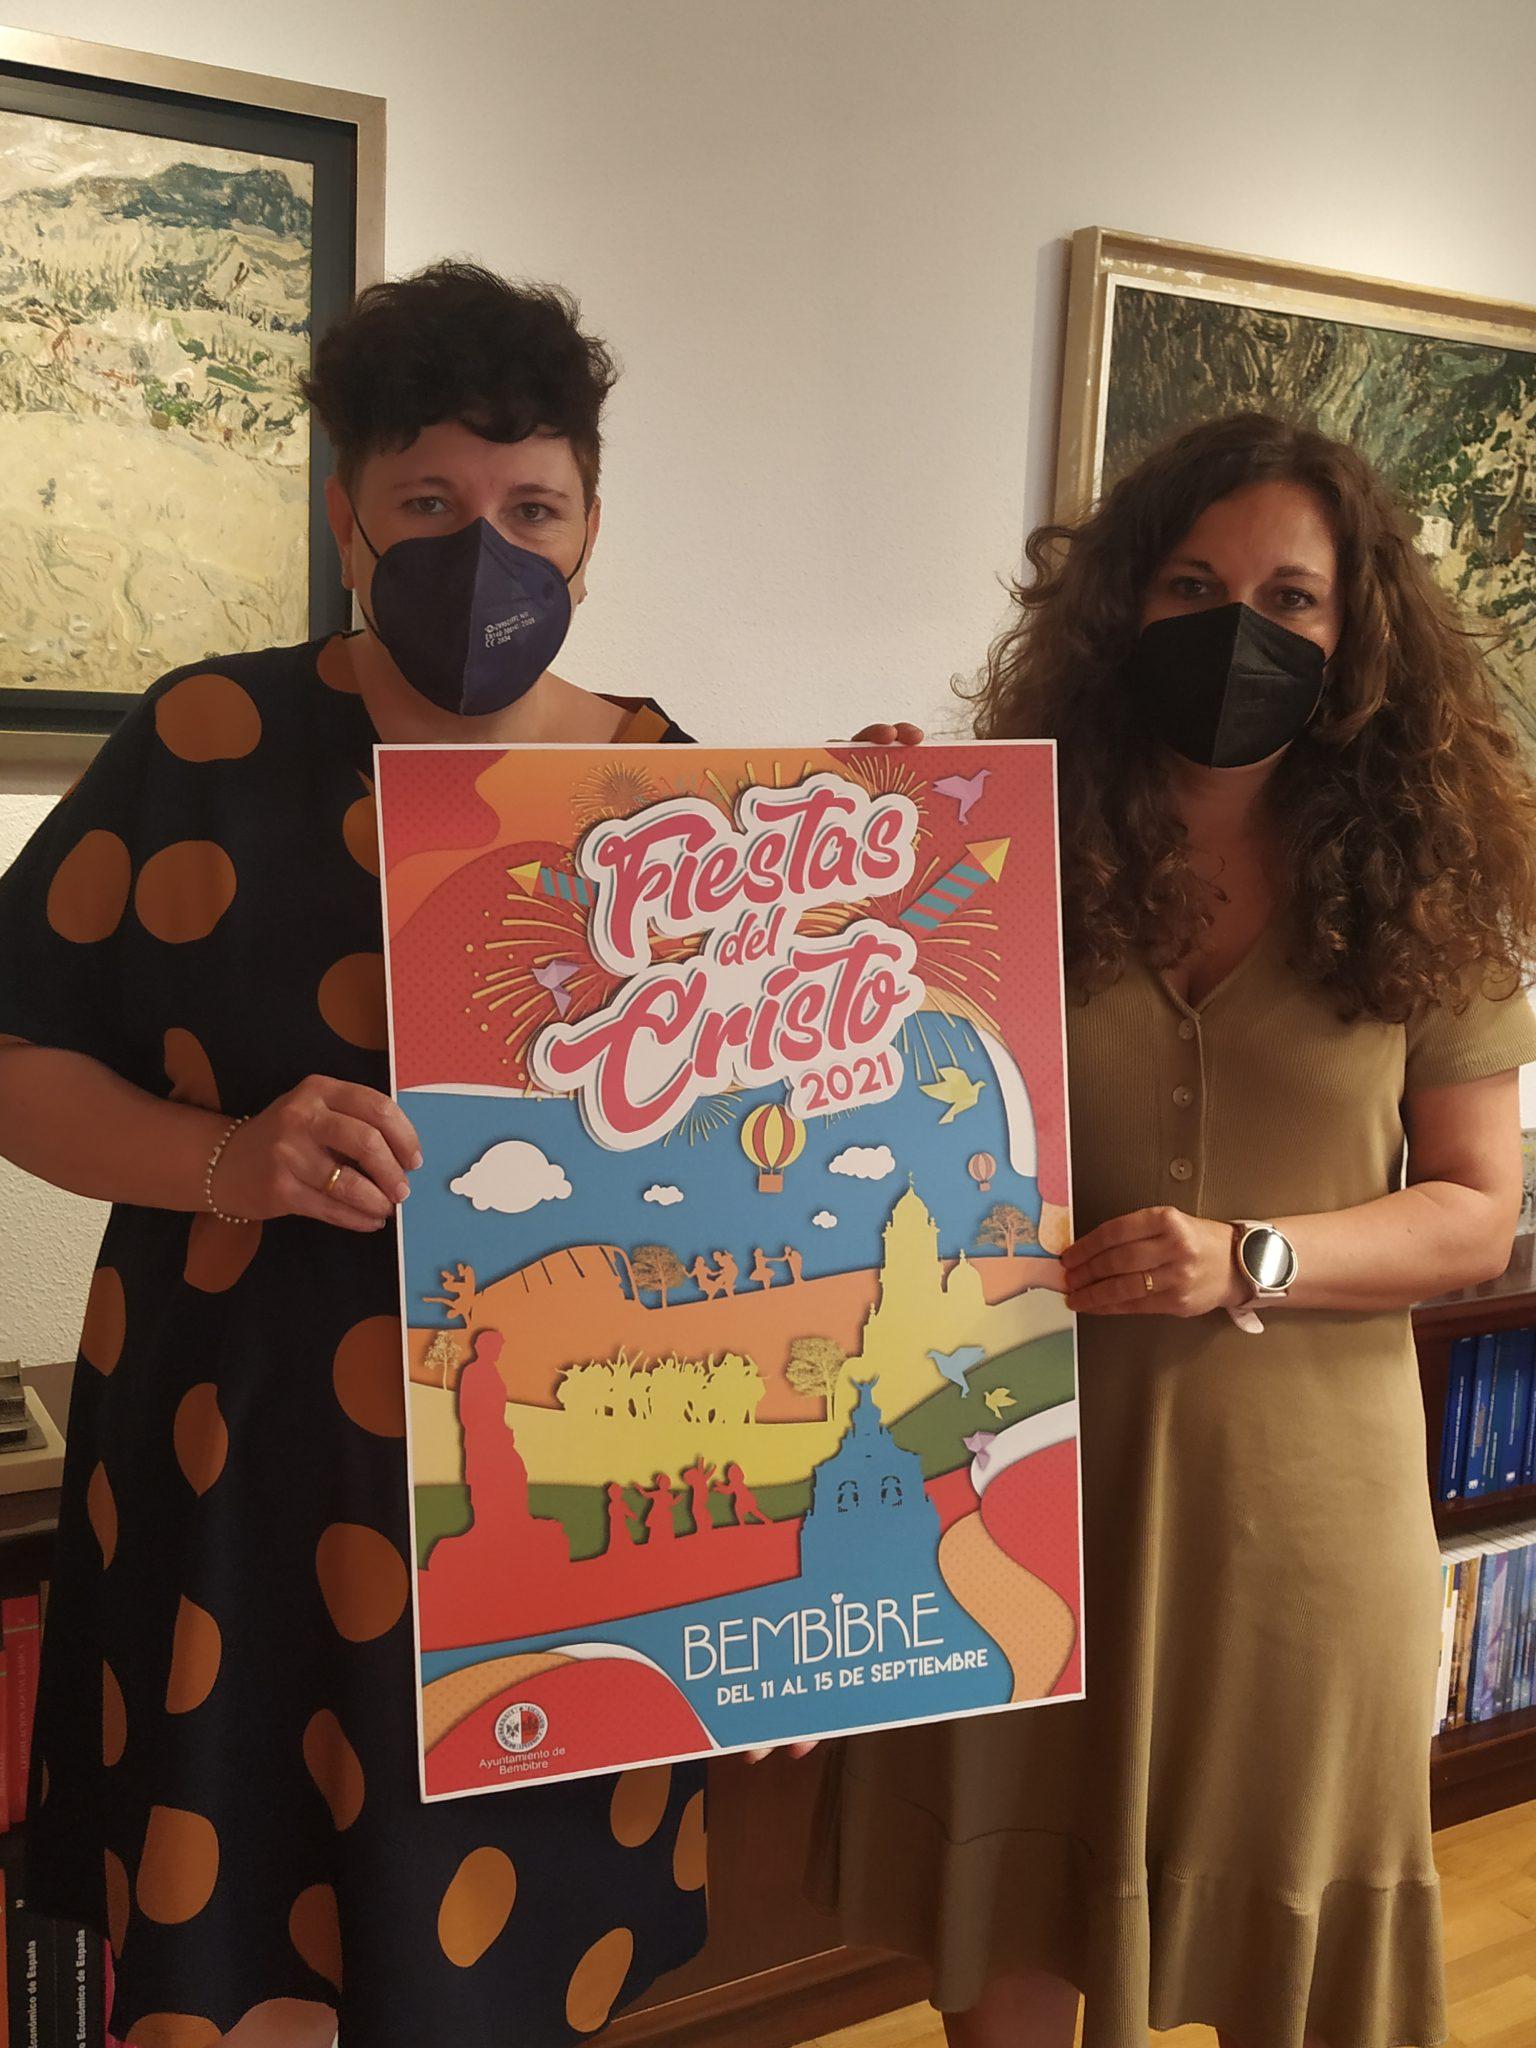 Bembibre presenta el cartel ganador de las Fiestas del Cristo 2021 con la esperanza de poder celebrarlas 1